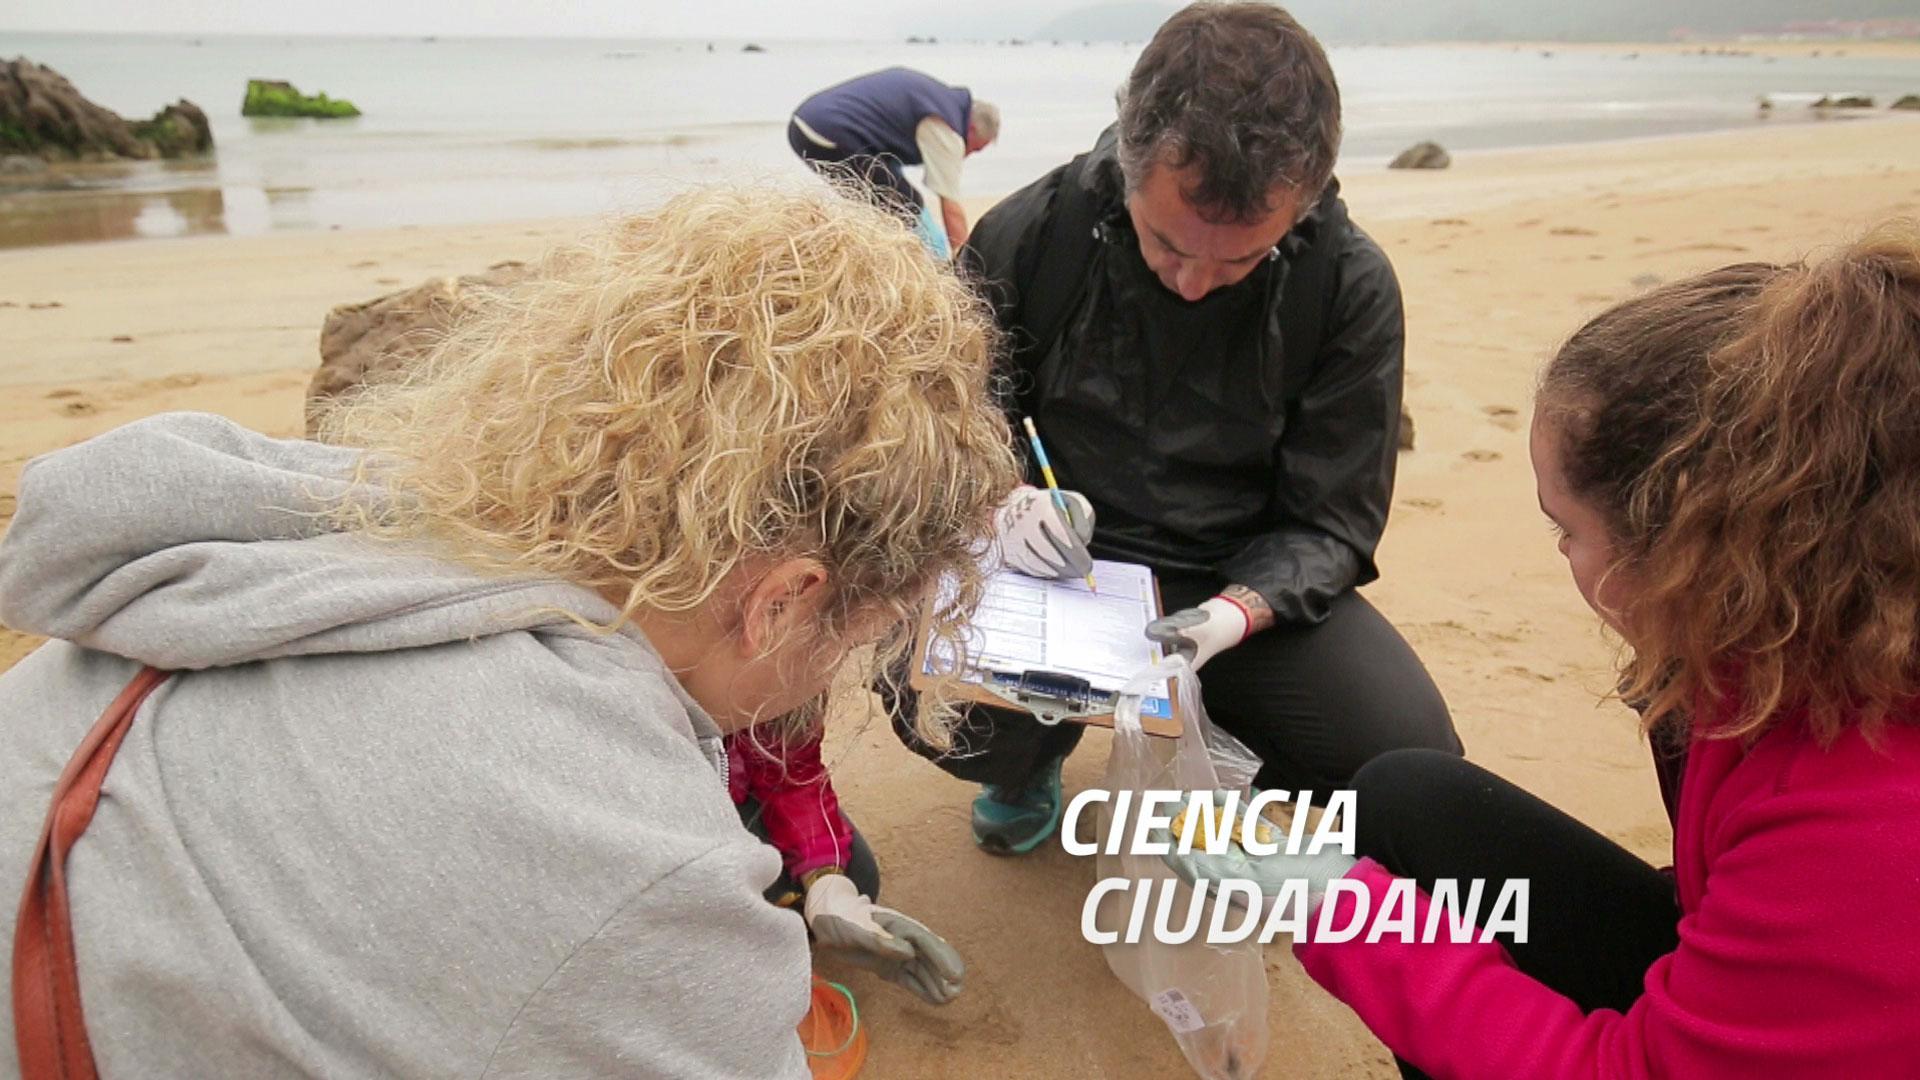 Ciencia ciudadana, basuras marinas